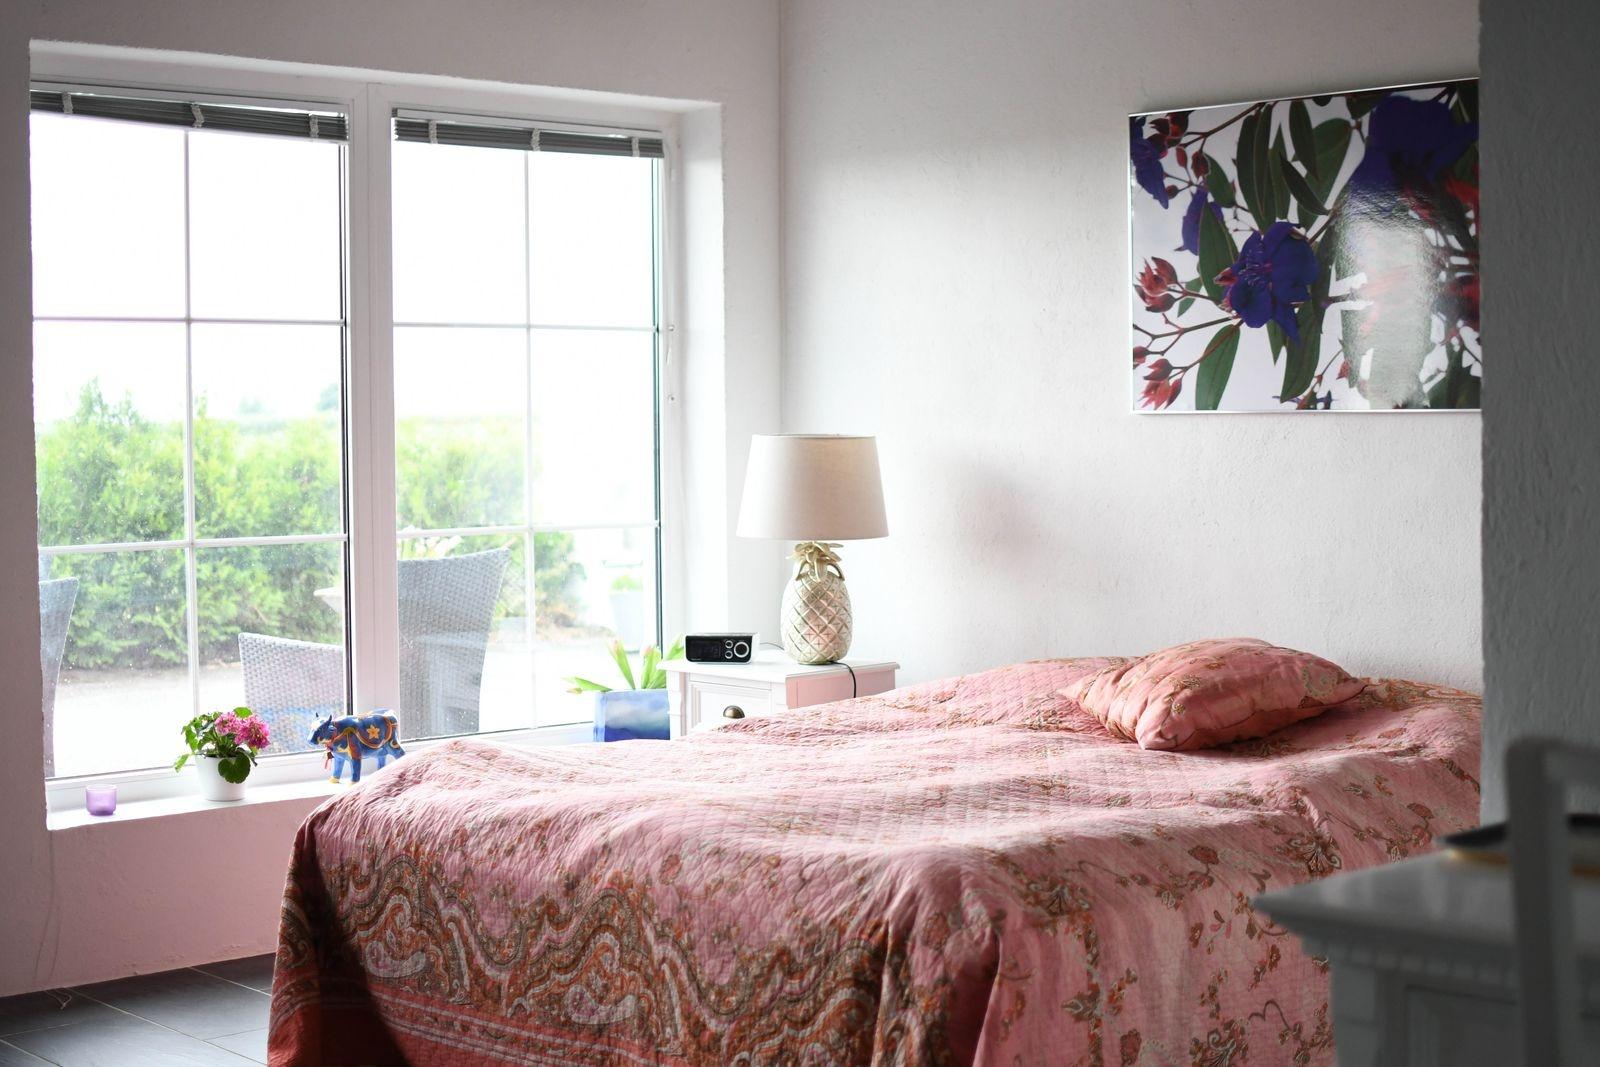 Vallebergaslätt rymmer även lägenhet och rum för uthyrning.